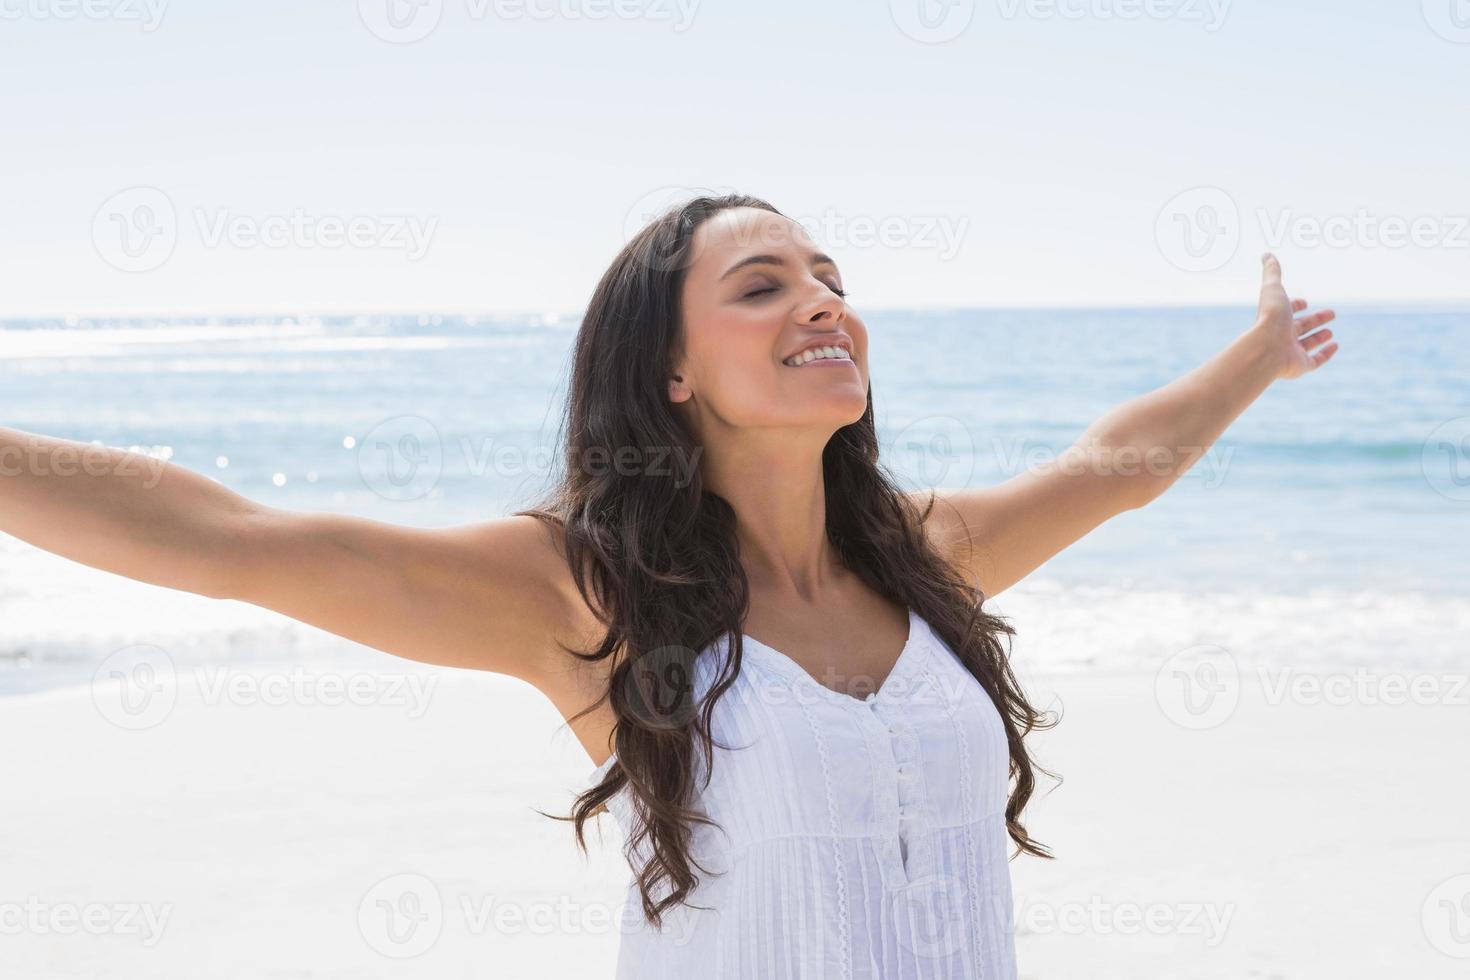 belle brune en robe de soleil blanche profitant du soleil photo